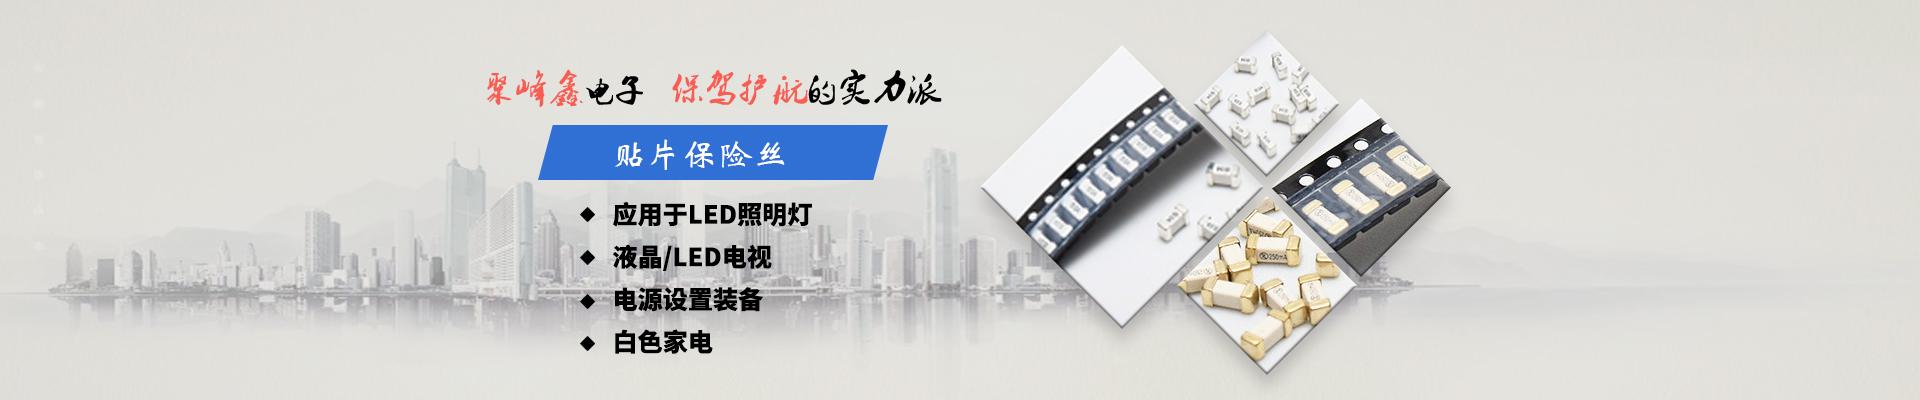 东莞市聚峰鑫电子科技有限公司